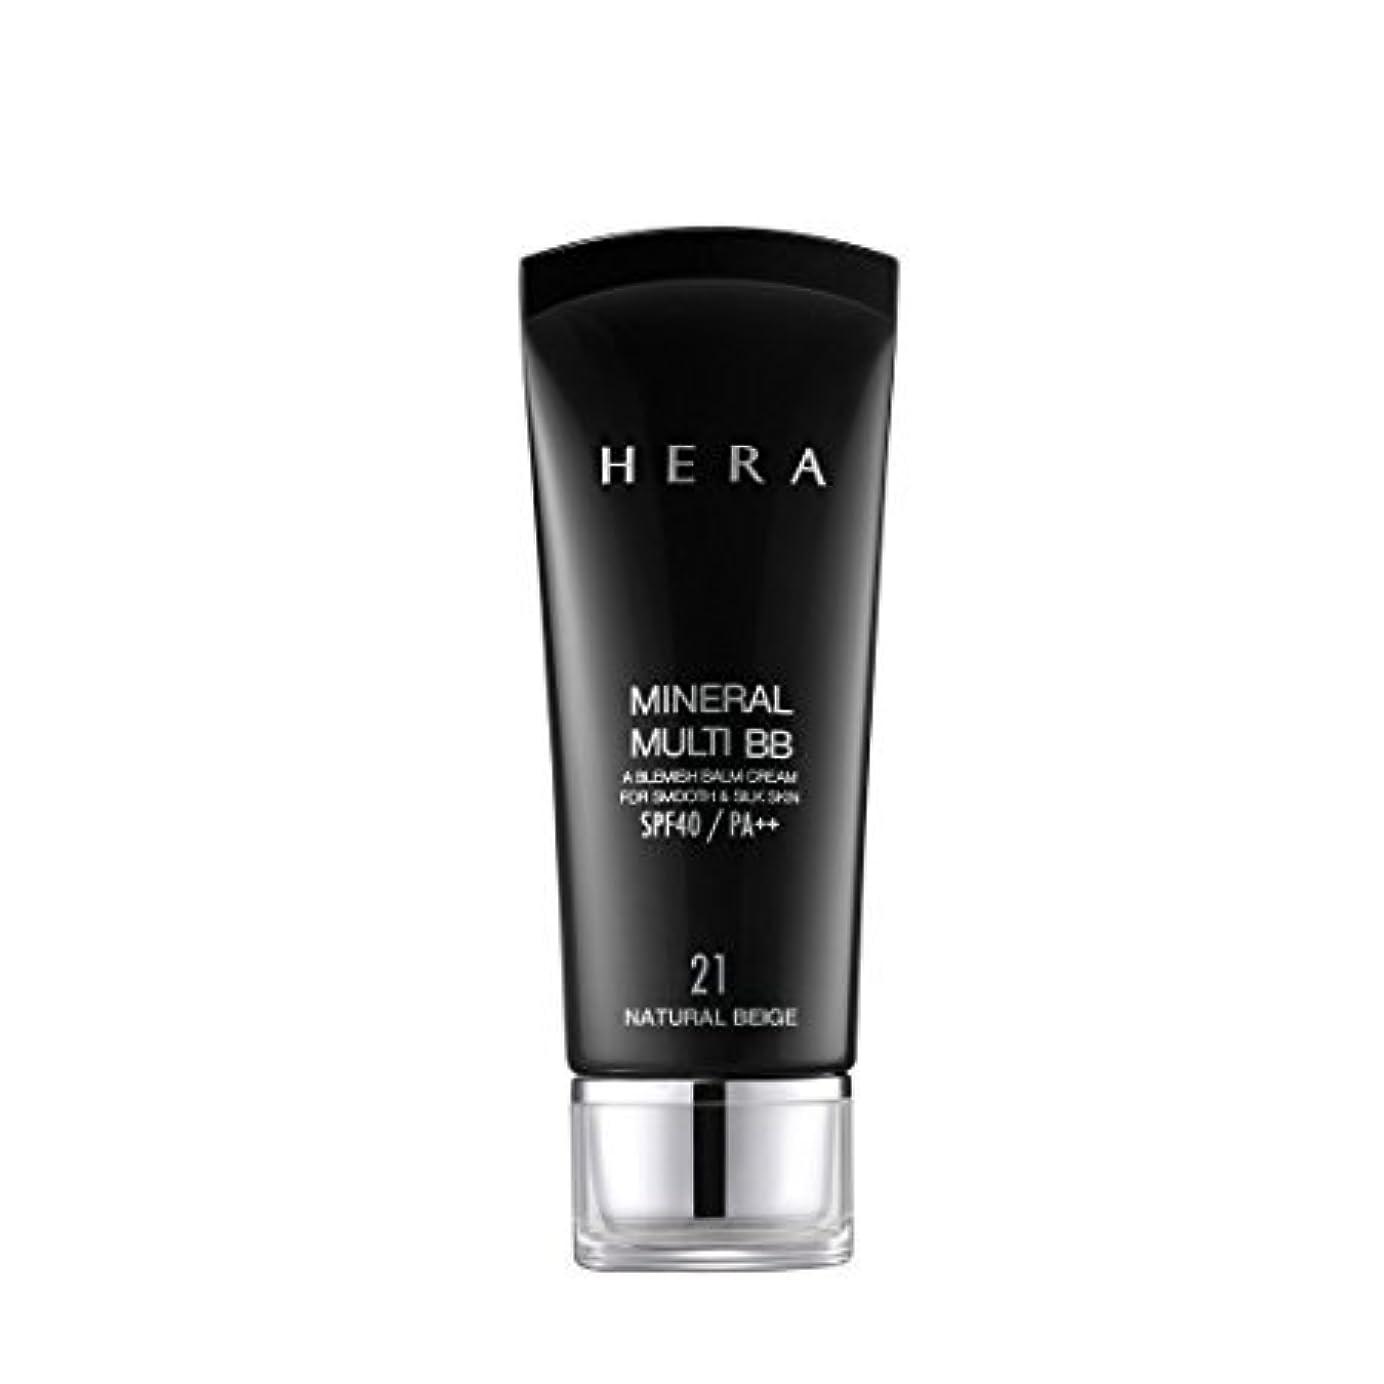 HERA Mineral Multi BB Cream #21 Natural Beige 1.35 Oz/40Ml (並行輸入品)